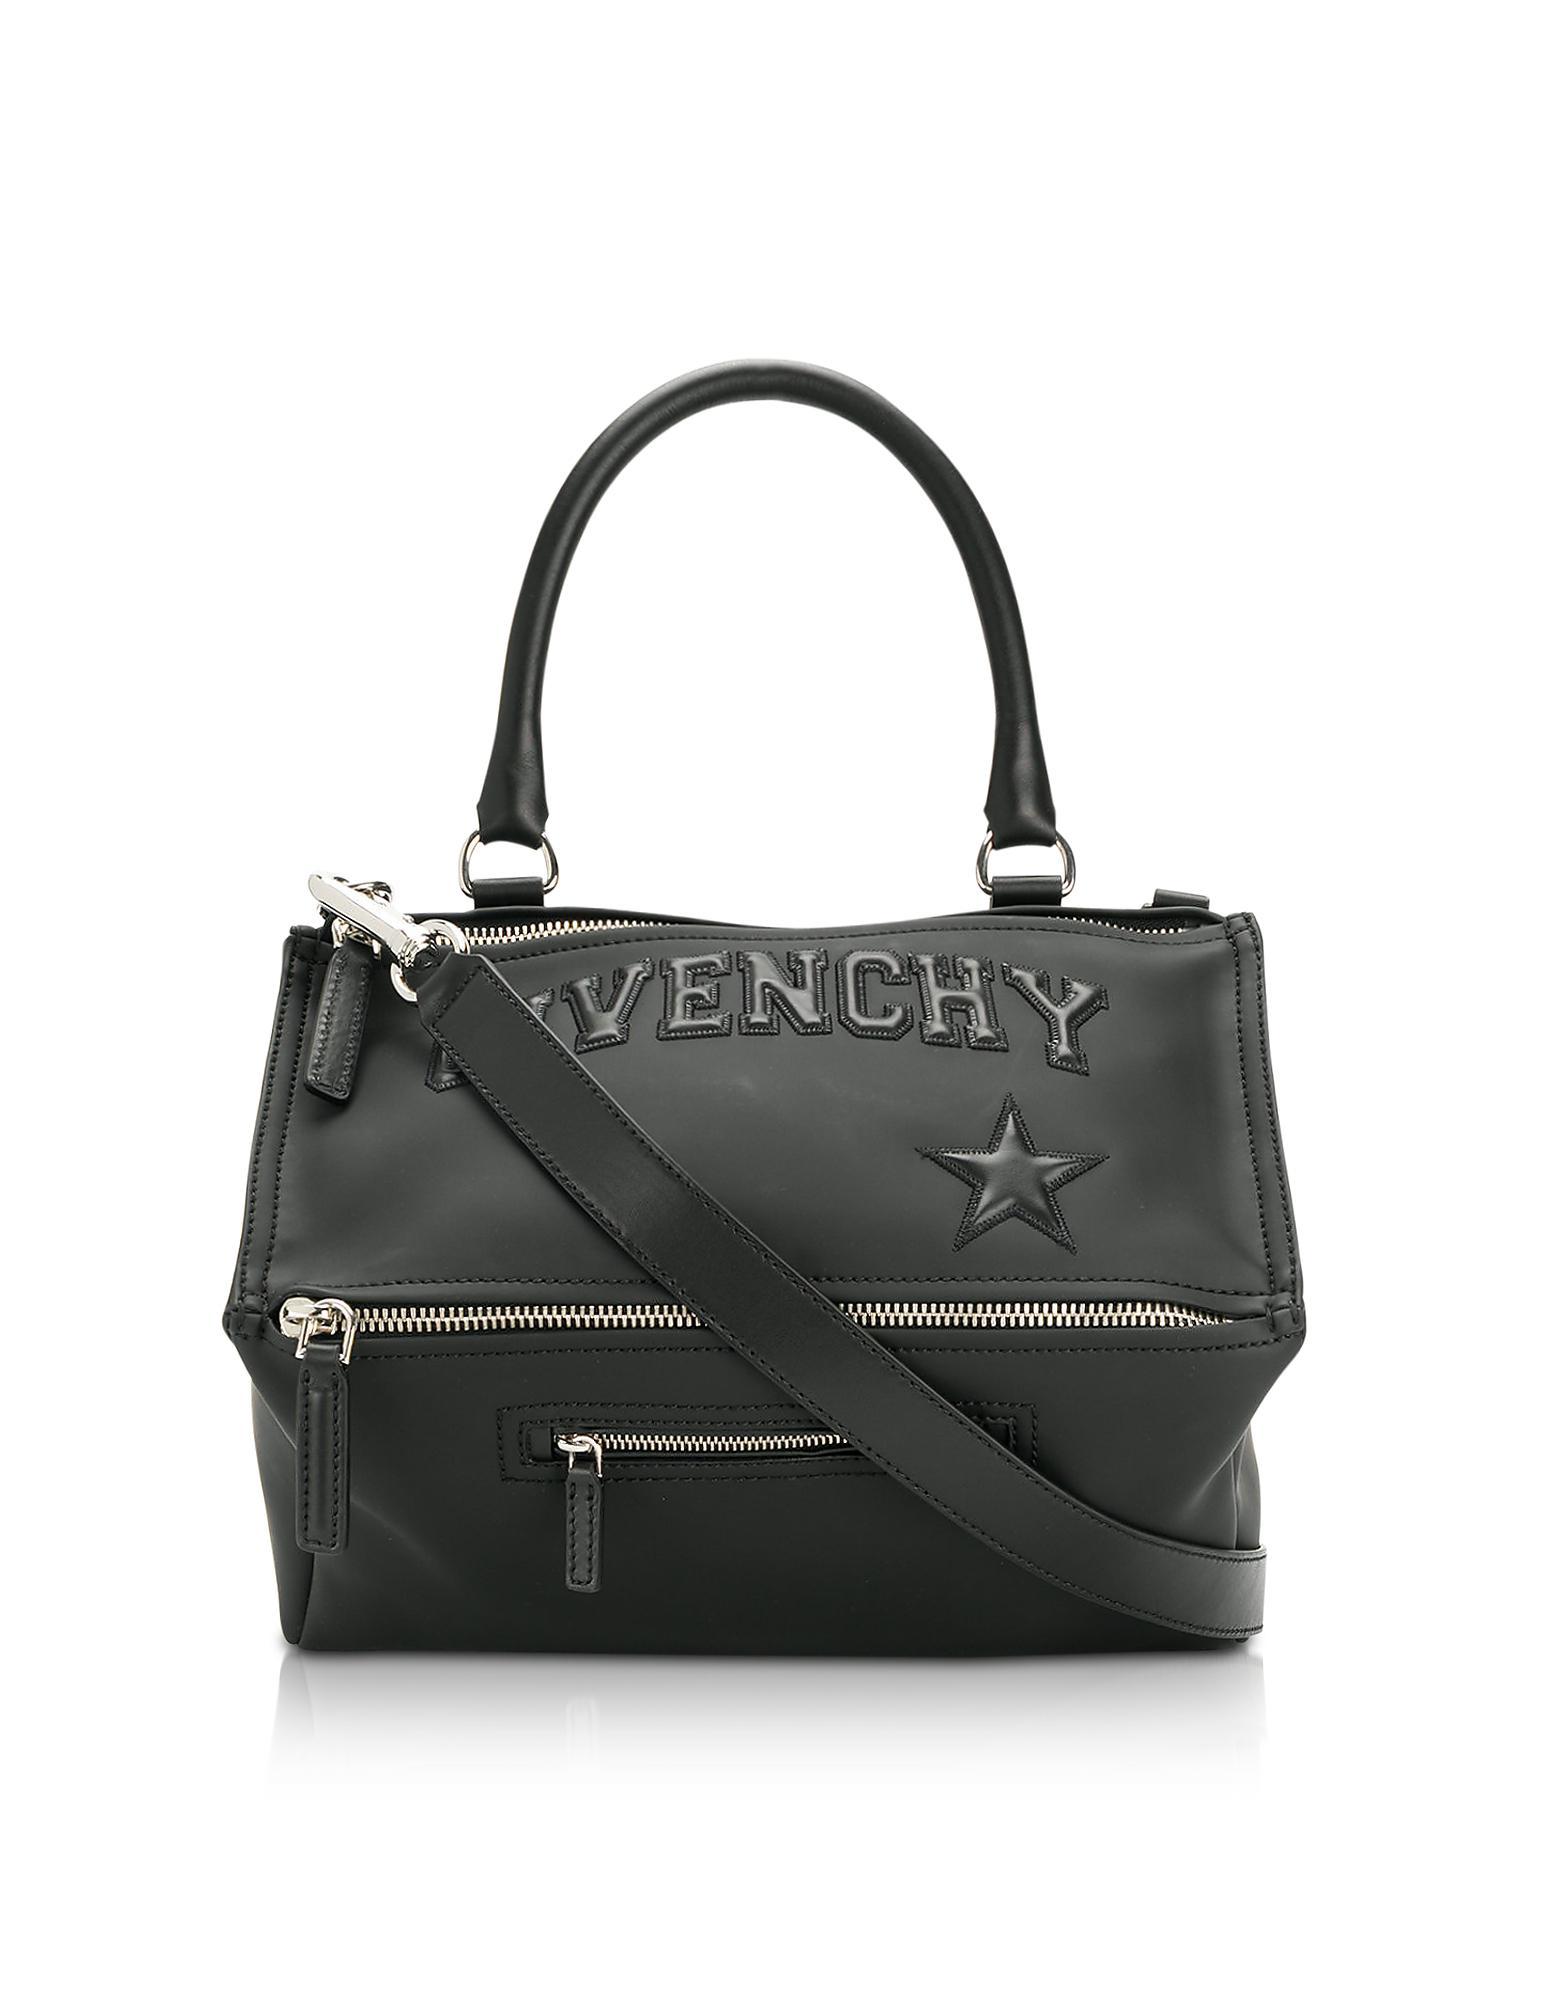 d43734a8c4 Lyst - Givenchy Black Polyvinyl Medium Pandora Bag in Black